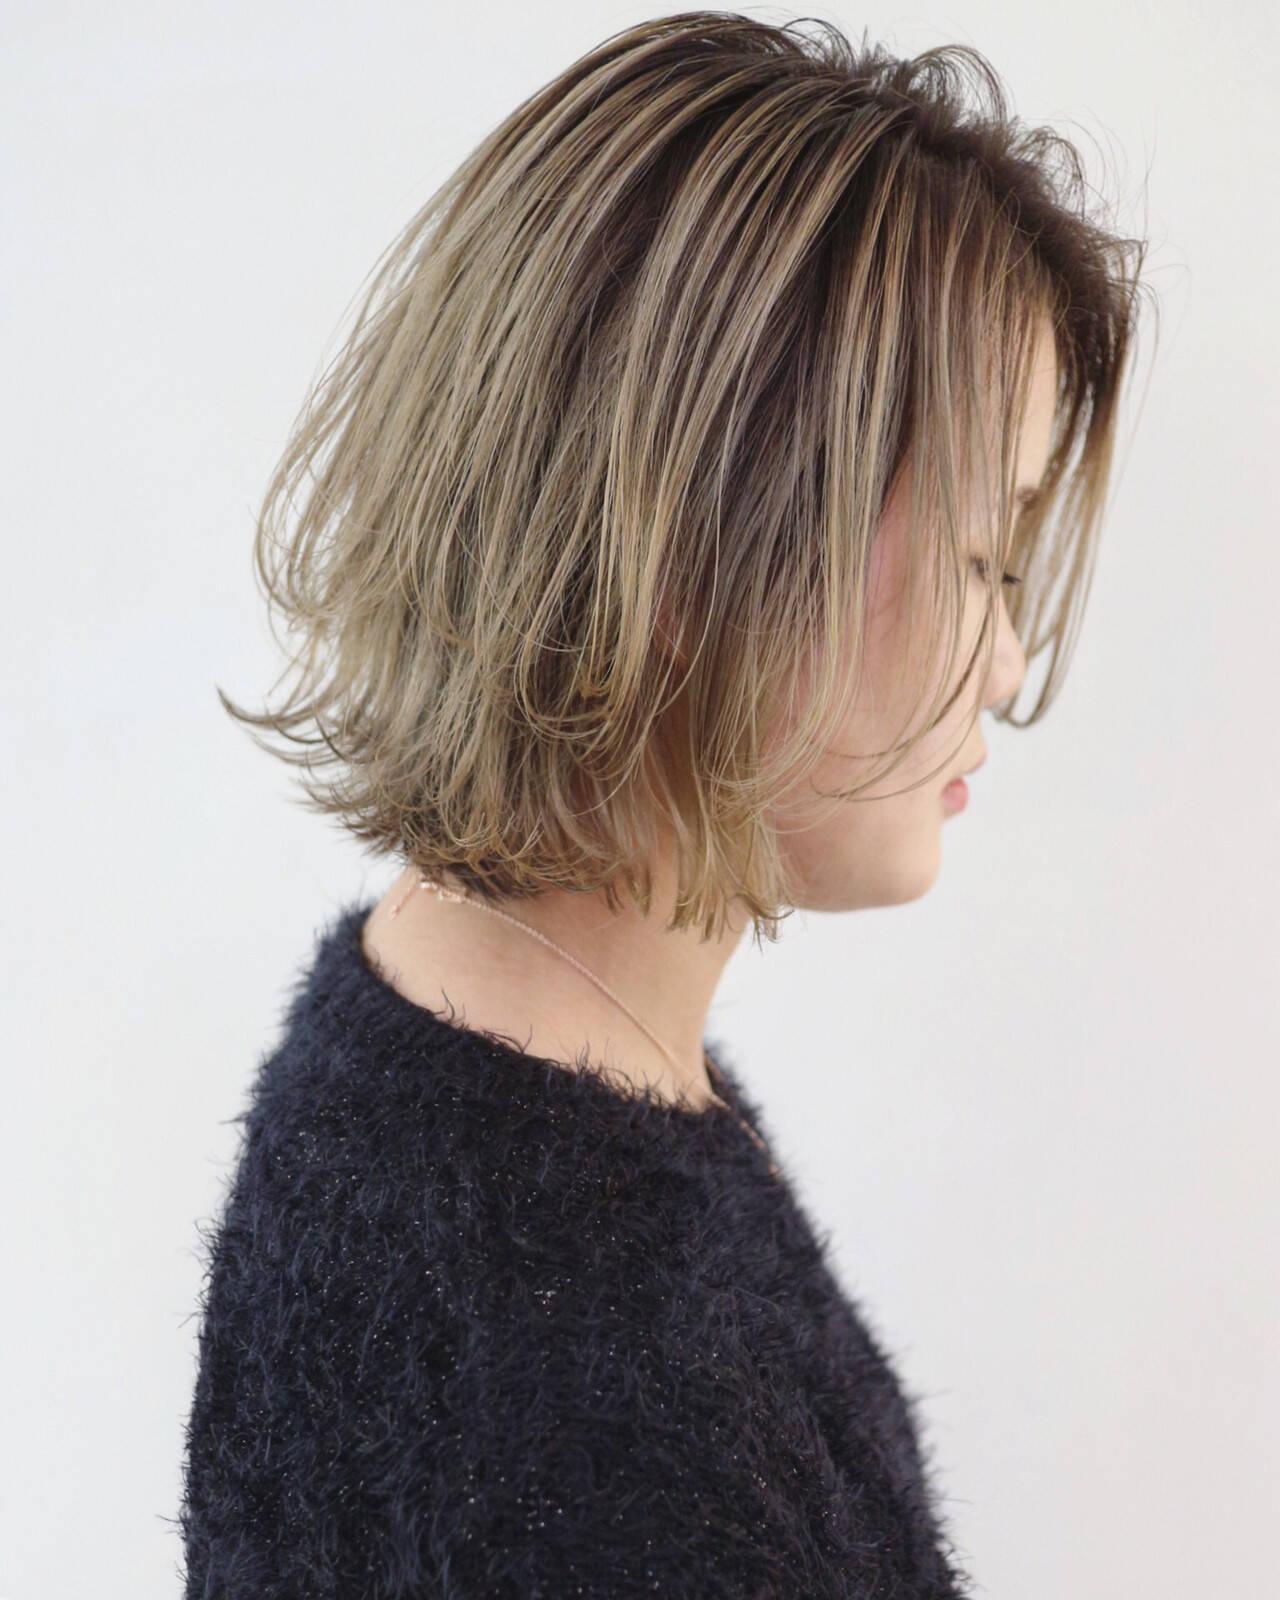 バレイヤージュ グレージュ ナチュラル ボブヘアスタイルや髪型の写真・画像